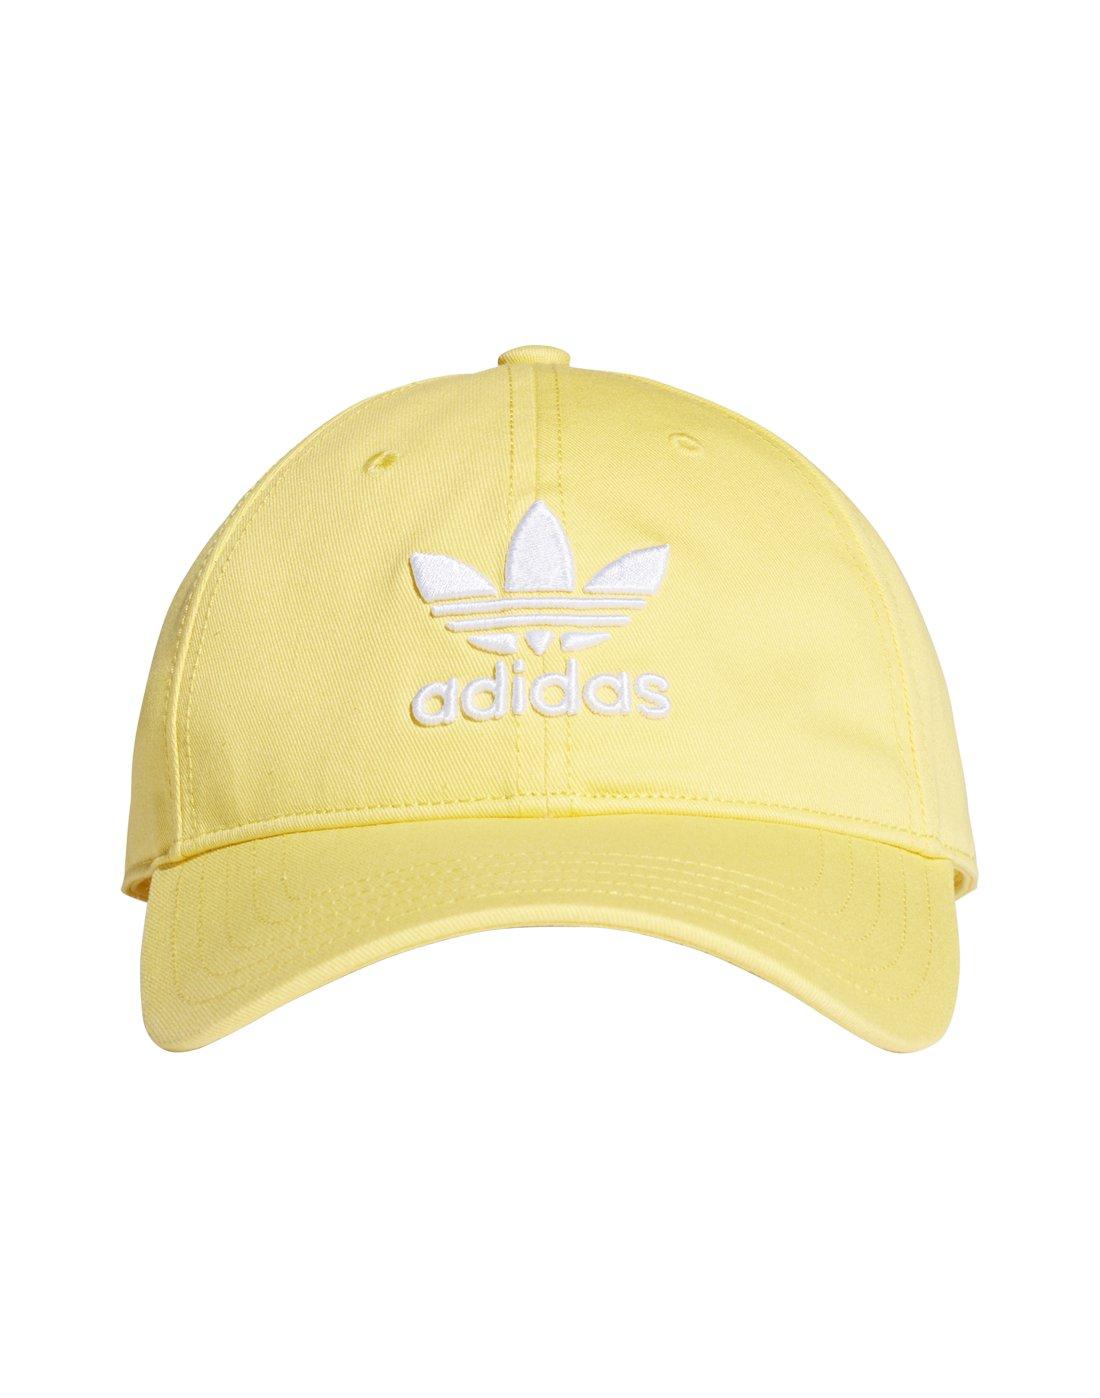 adidas Originals Trefoil Cap  a2dc4211ea4